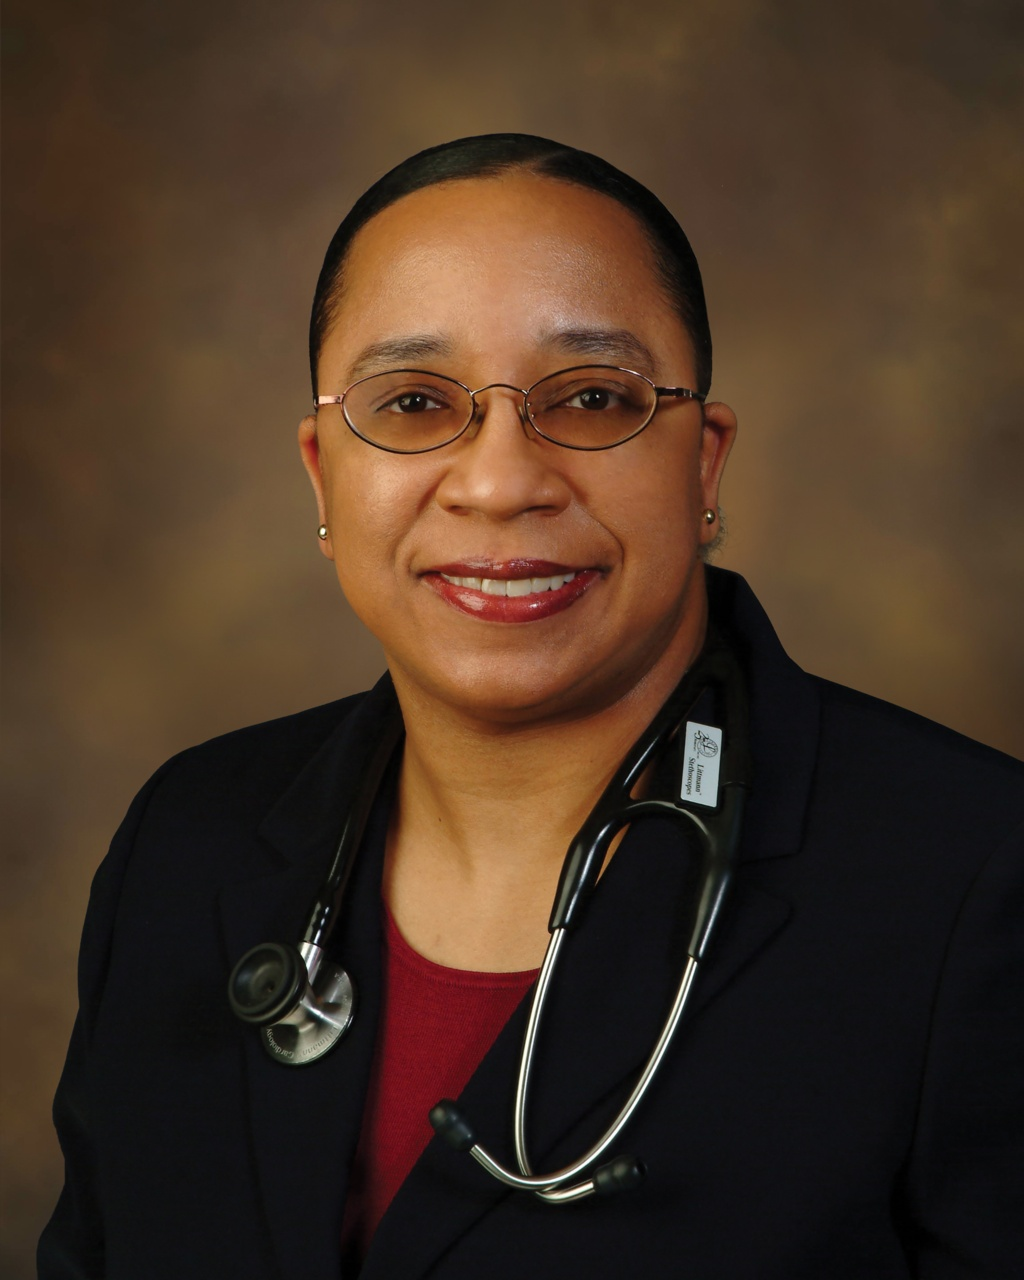 Miyako McCloud - Rush Health Systems